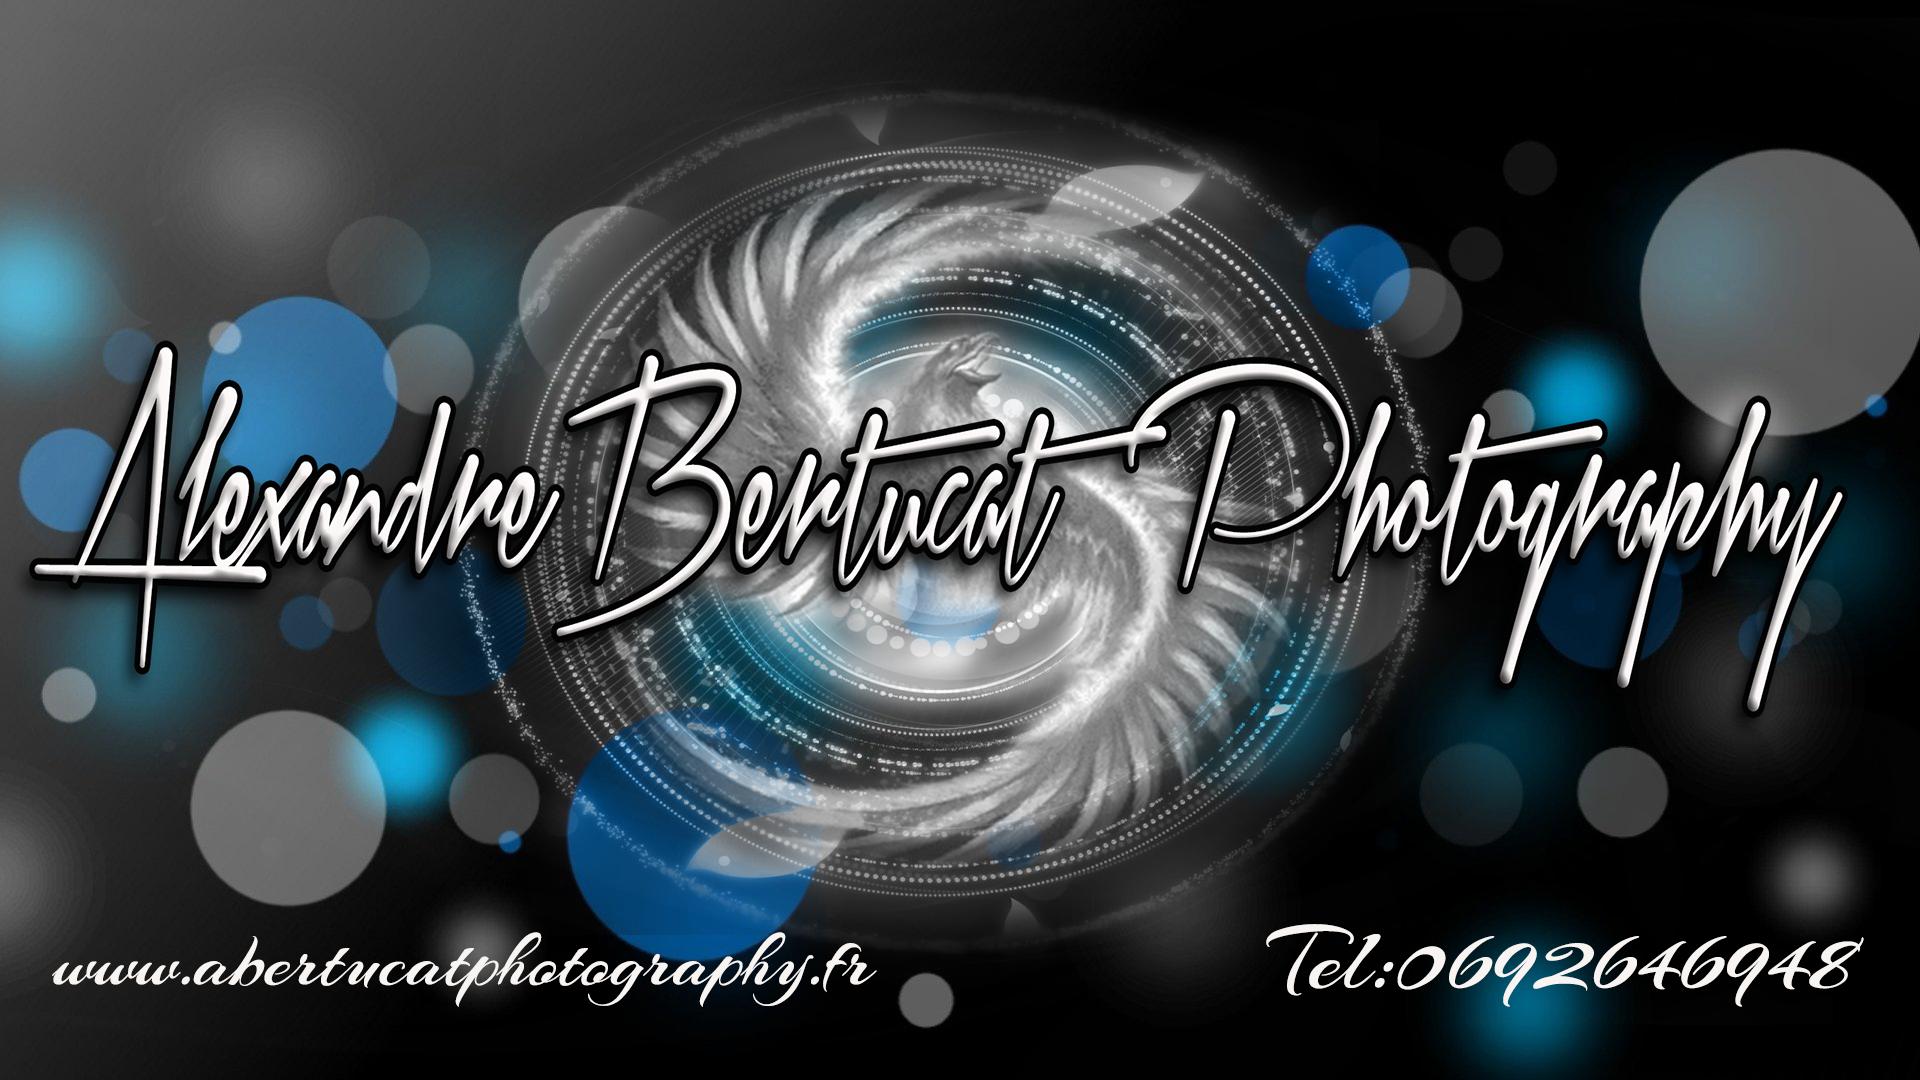 Alexandre Bertucat Photography